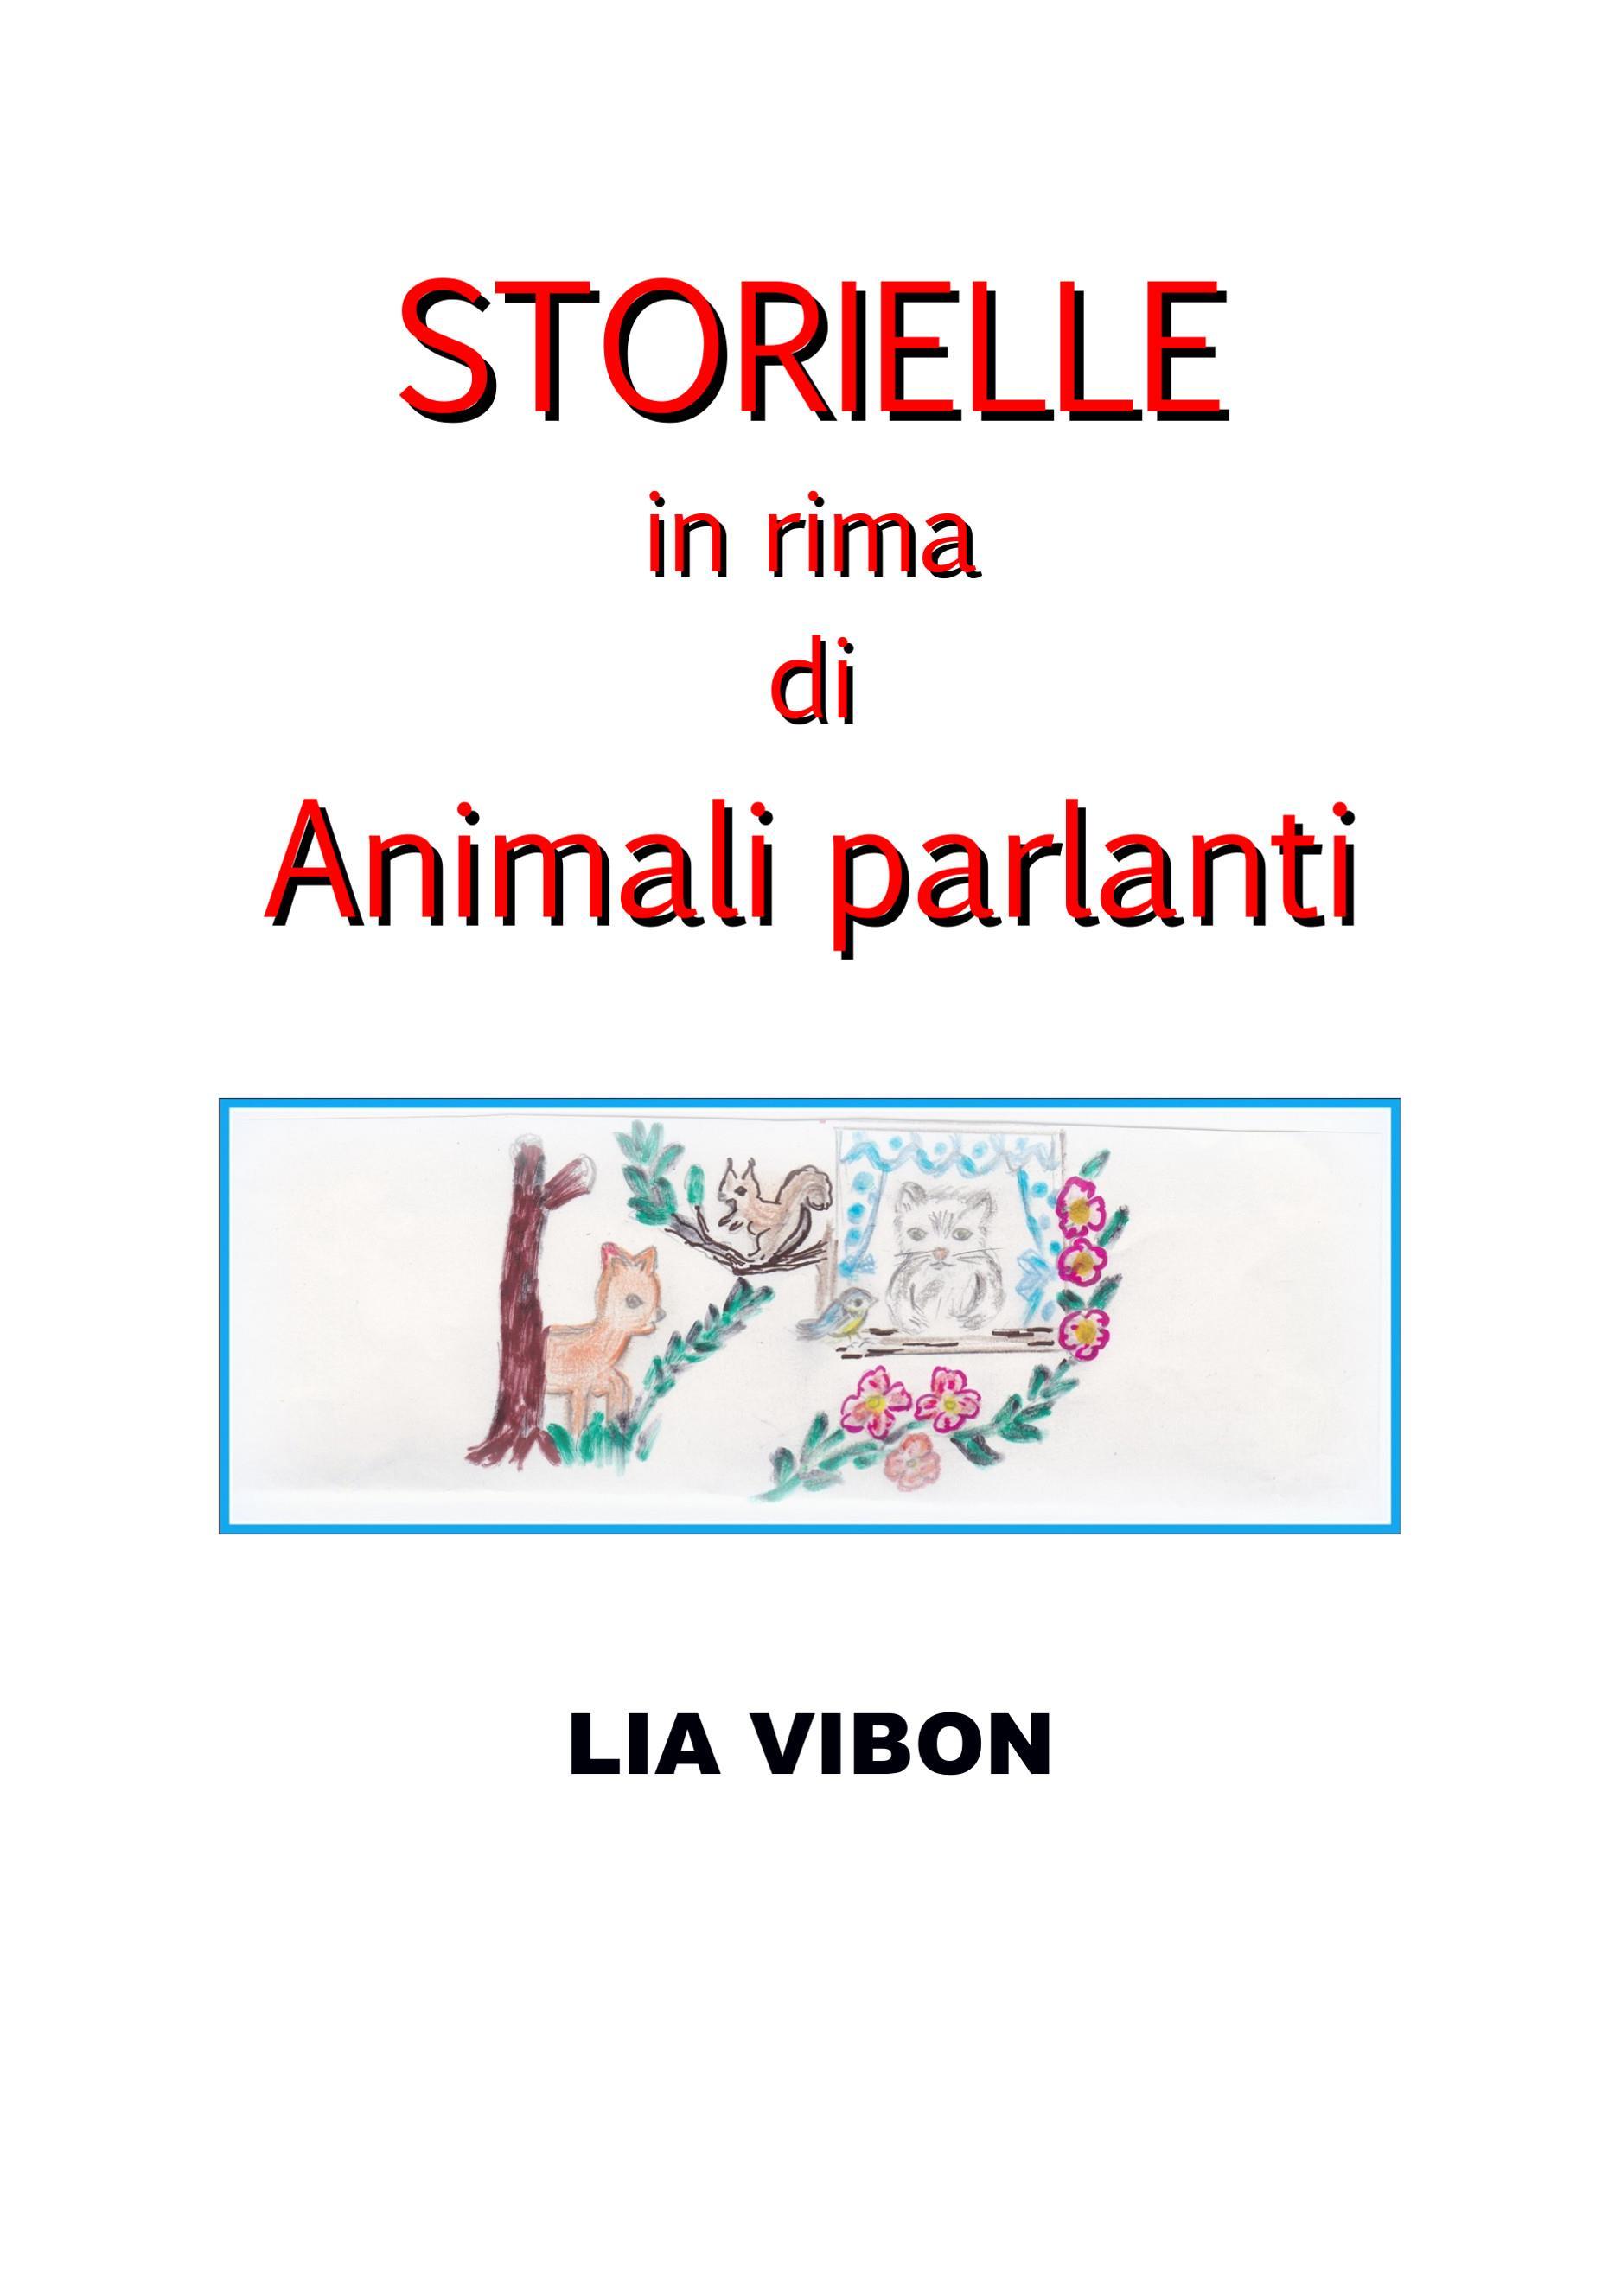 Storielle in rima di Animali parlanti